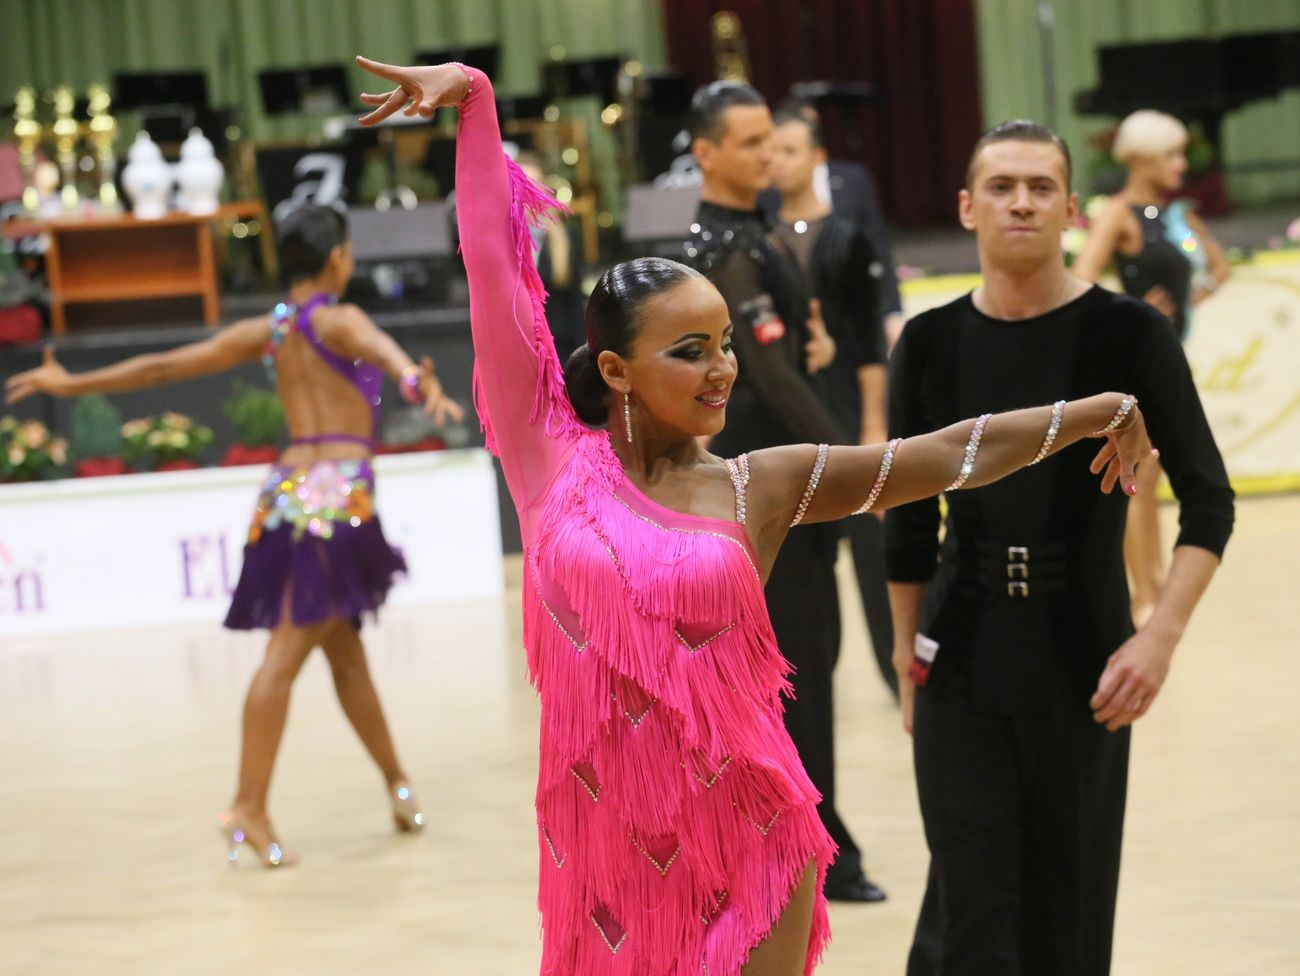 Szombaton lesz a Savaria táncverseny Szombathelyen